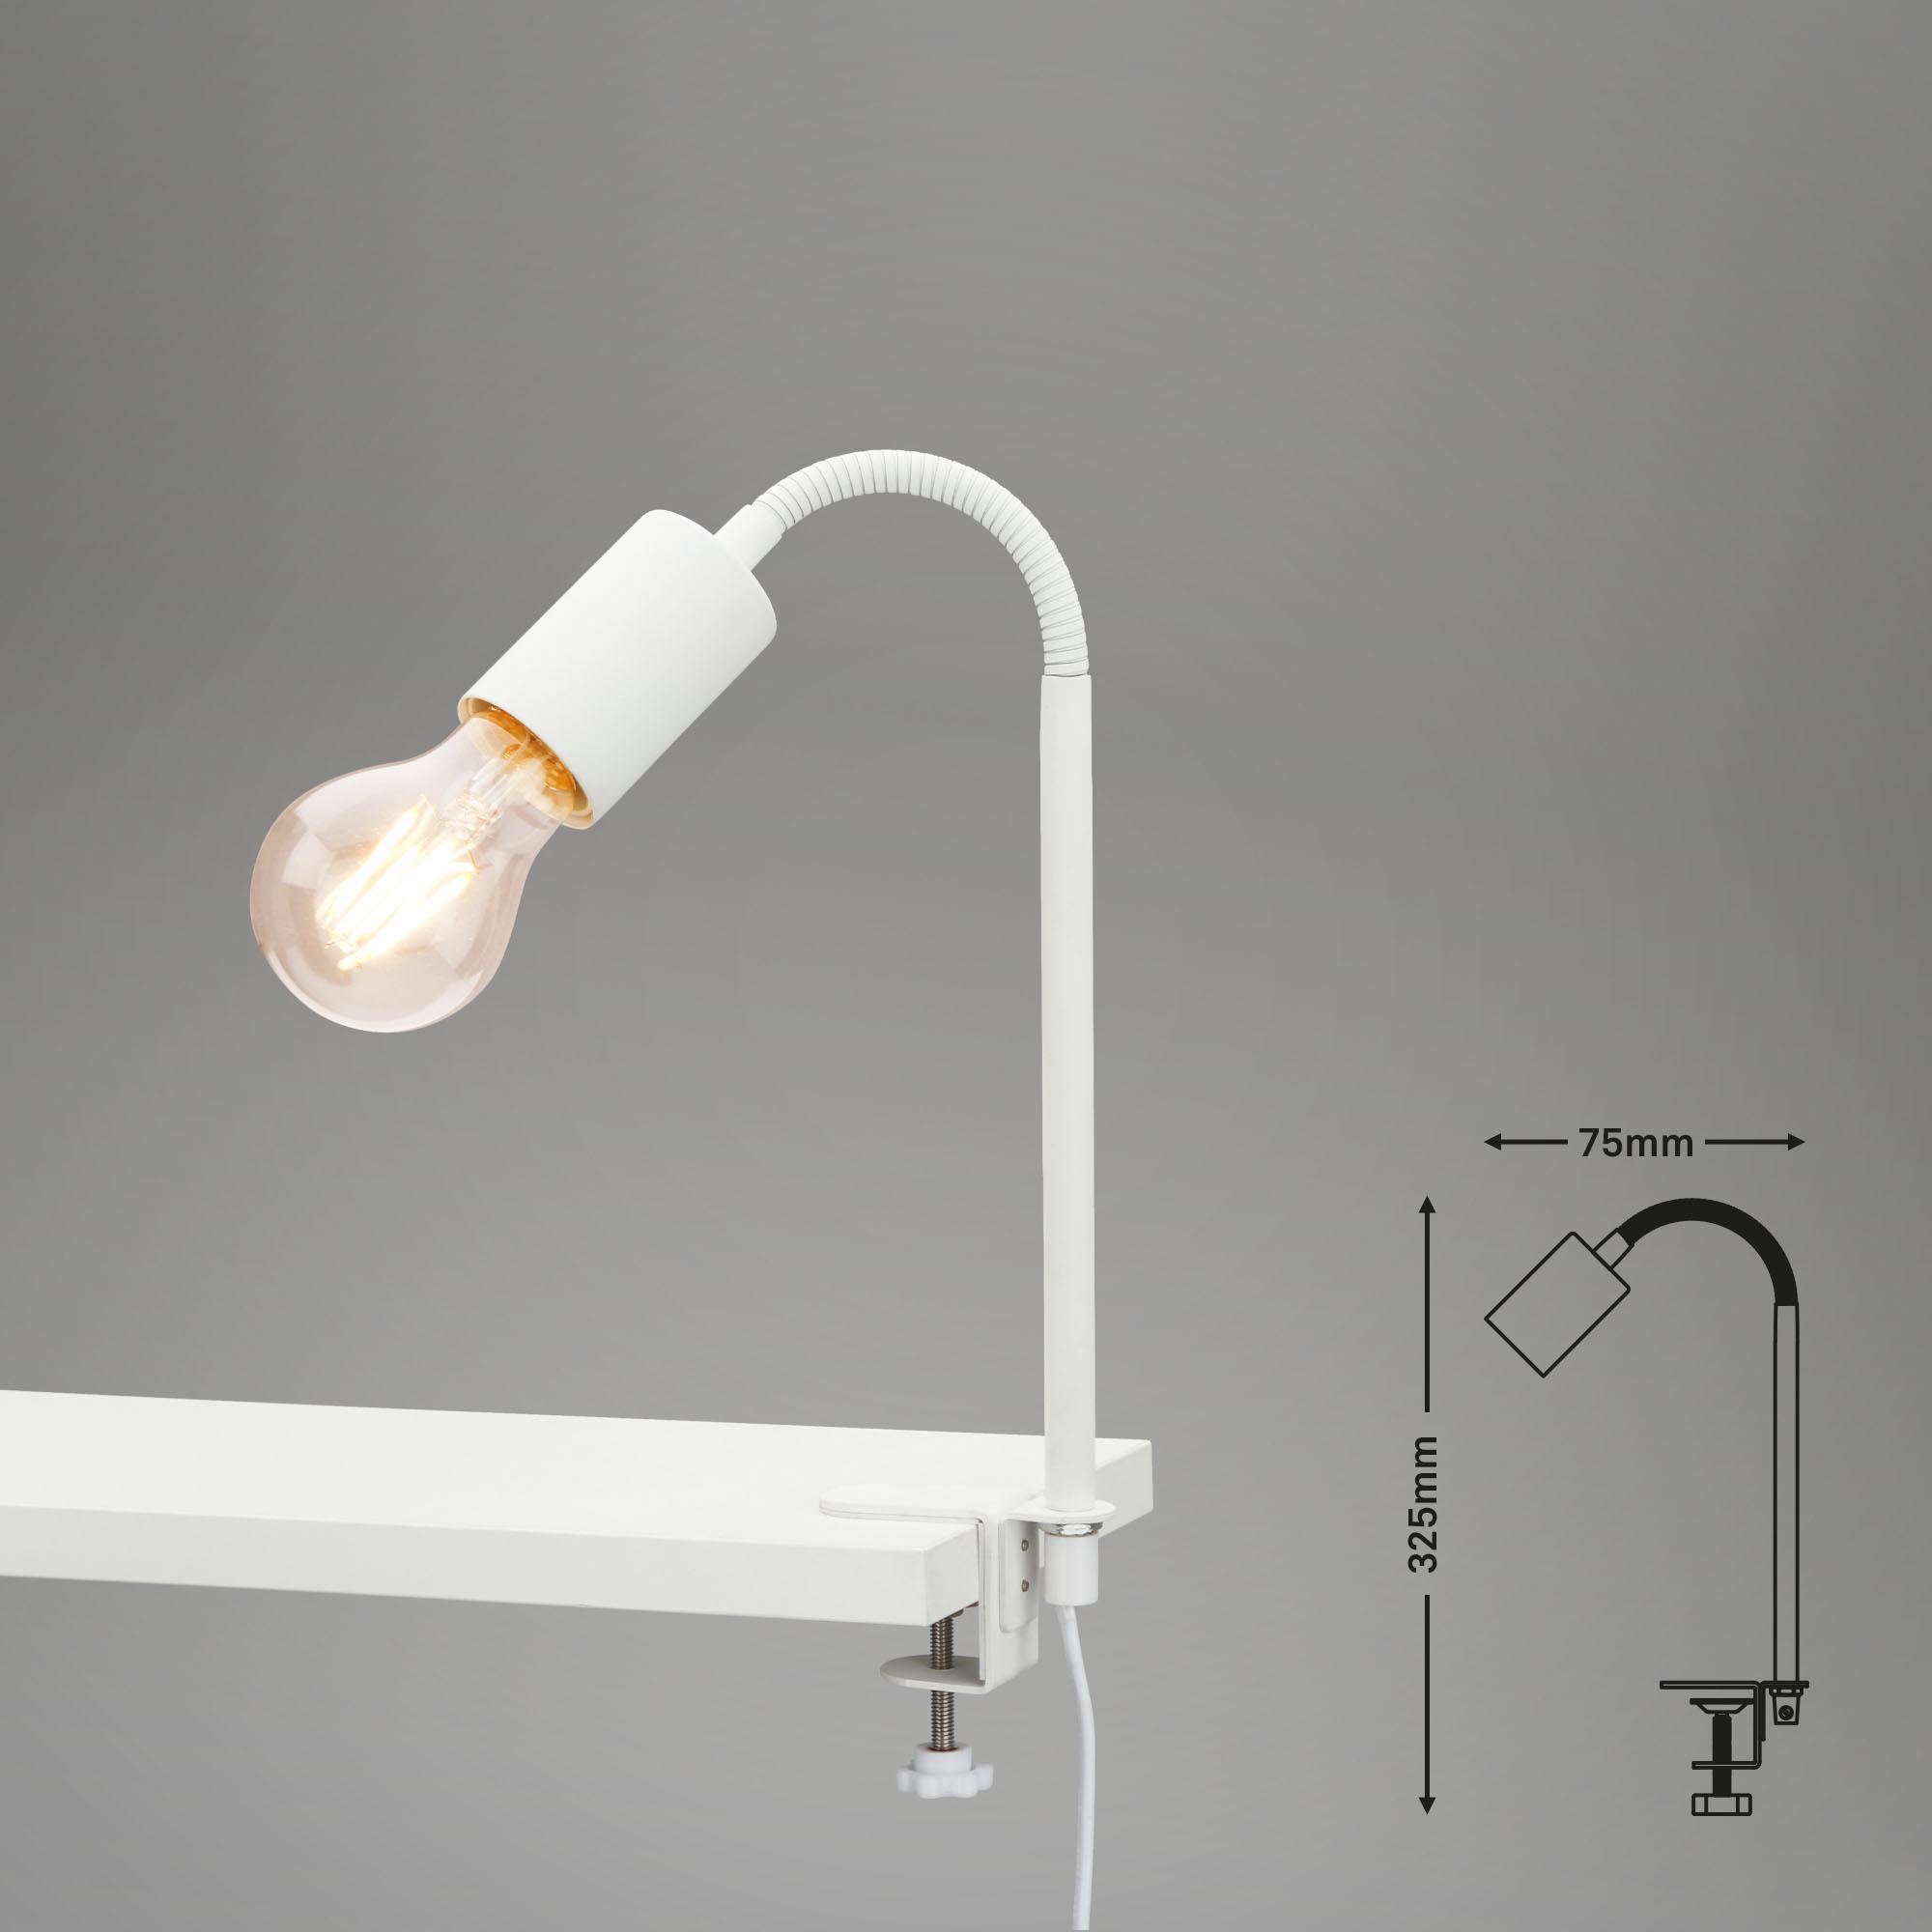 Klemmleuchte, 32,5 cm, max. 10 W, Weiß